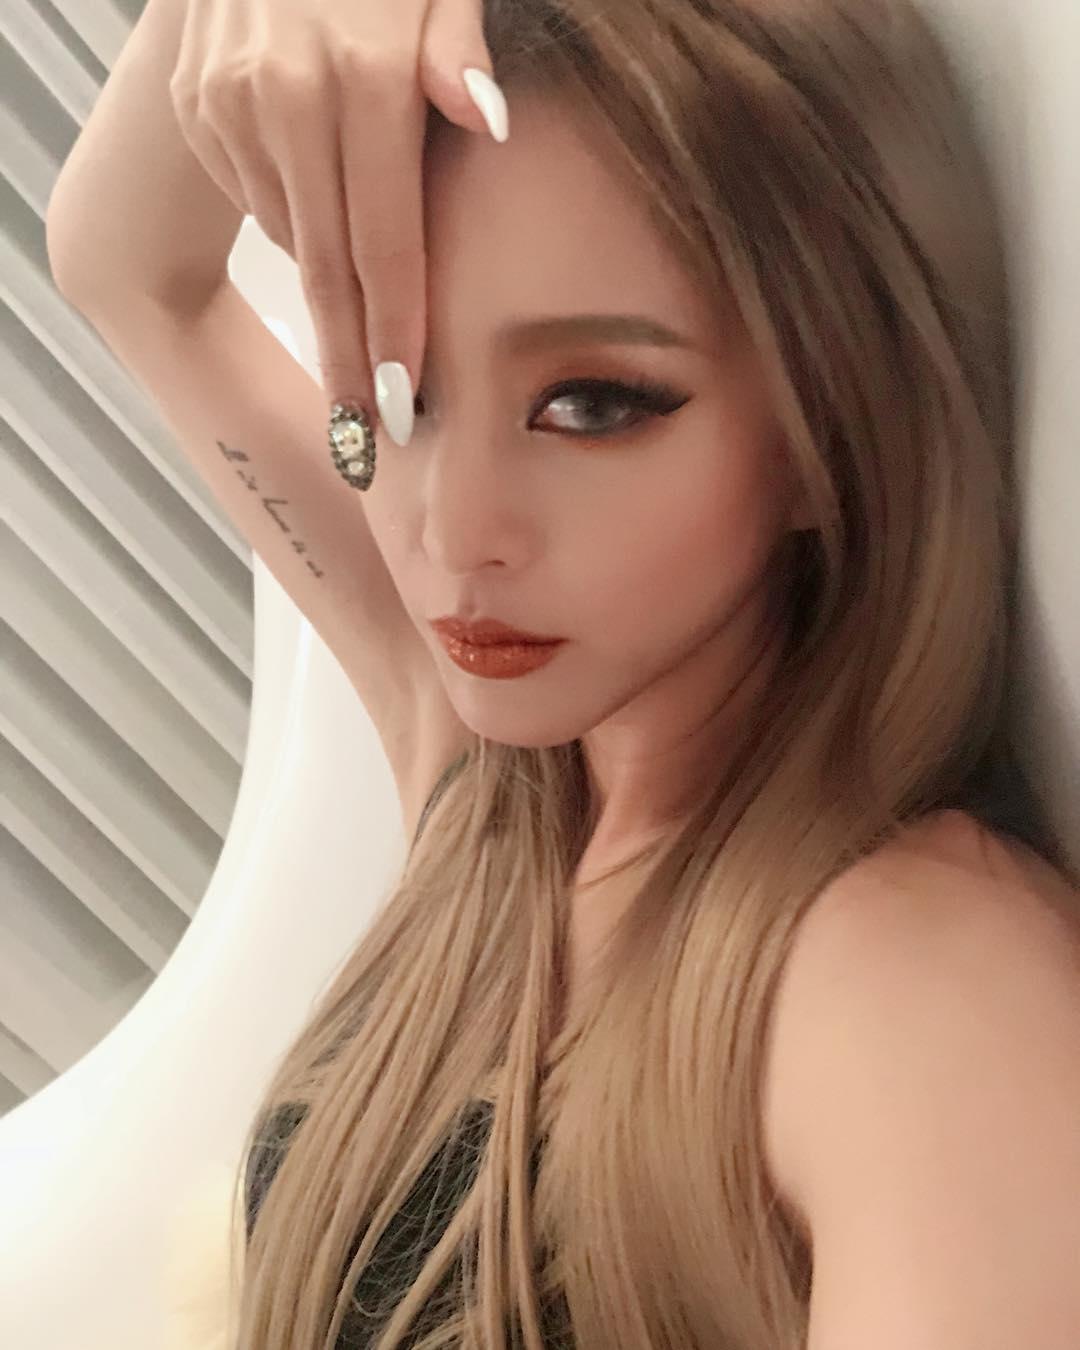 #韓藝瑟 演員韓藝瑟則是以「金屬南瓜色」來展現她的萬聖節裝扮,在萬聖節要參加派對的女孩們,可以跟上韓藝瑟的妝容!